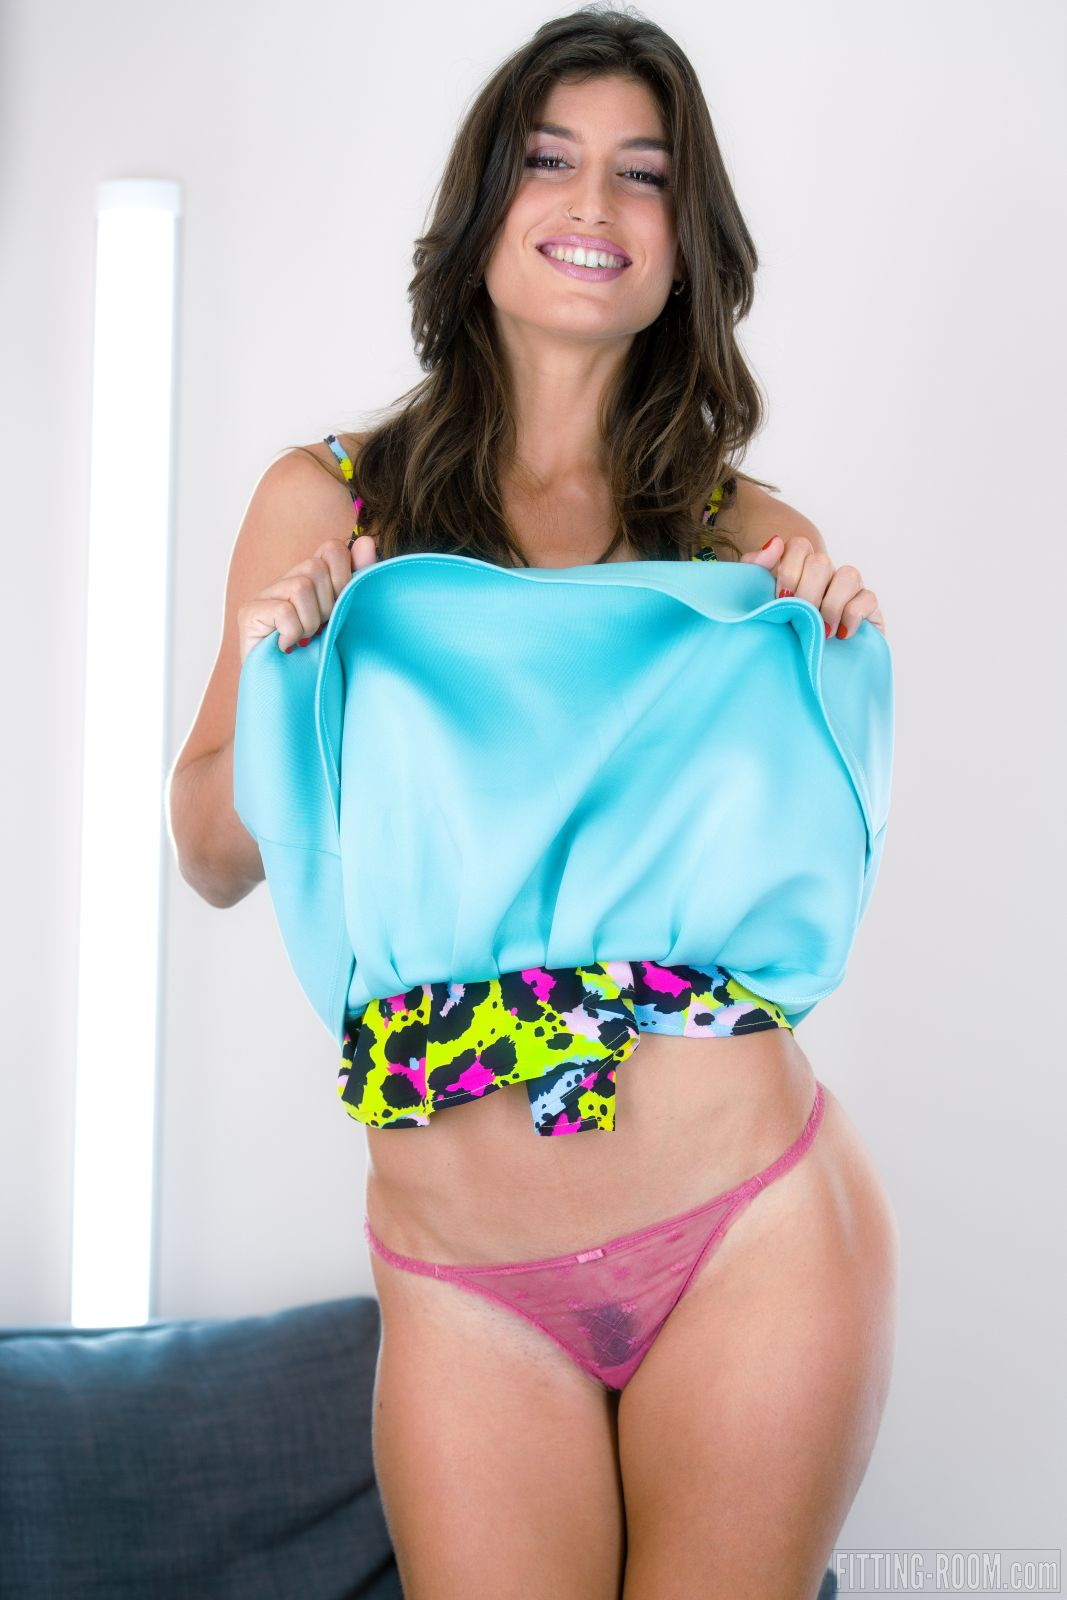 Julia Roca Nude in Anal Plugged Spanish Booty Girl - Free